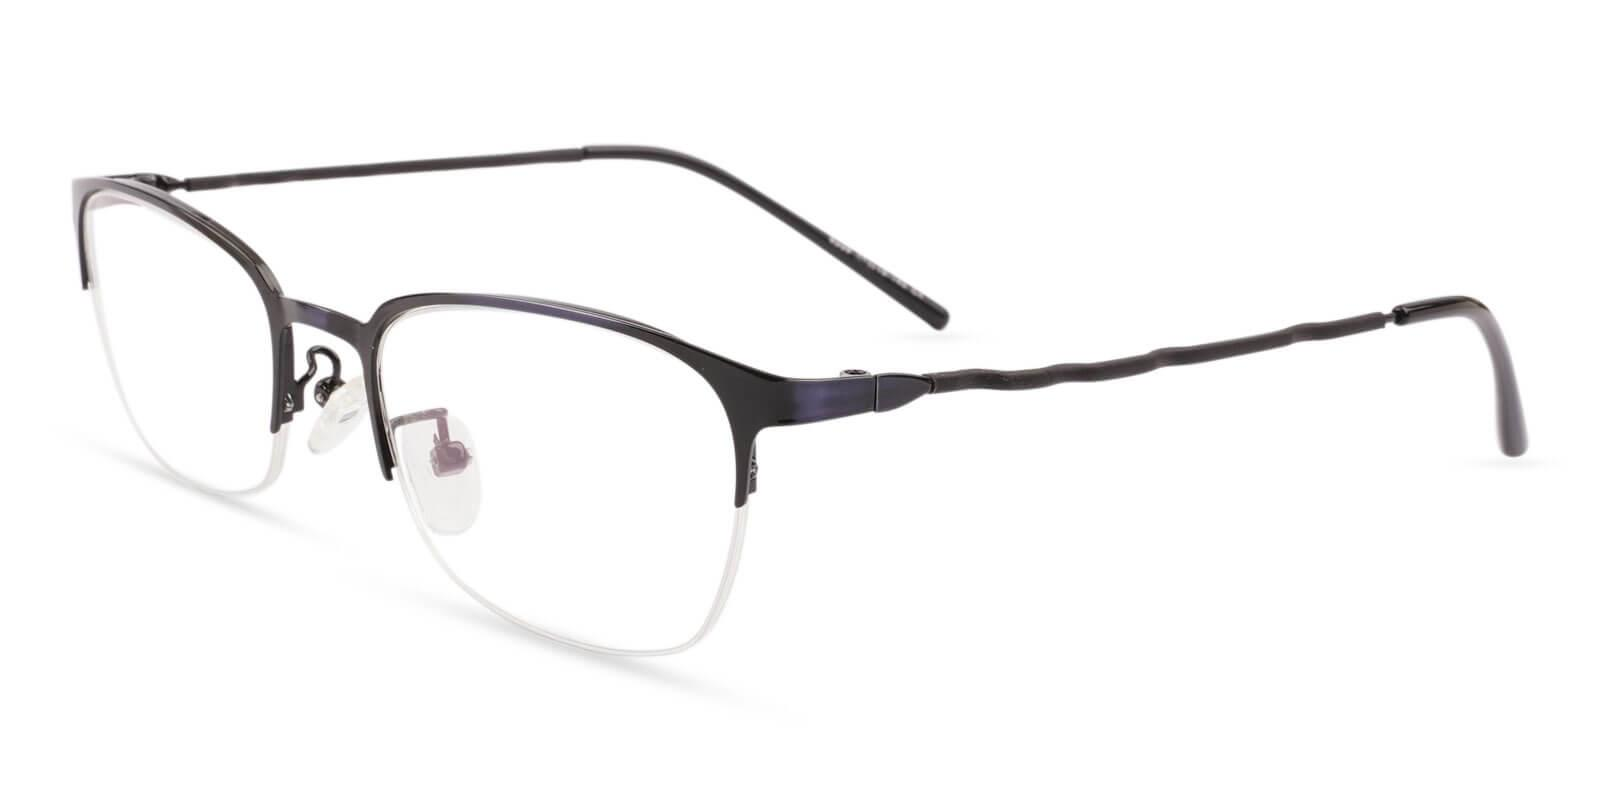 Lassiter Blue Metal Eyeglasses , NosePads Frames from ABBE Glasses